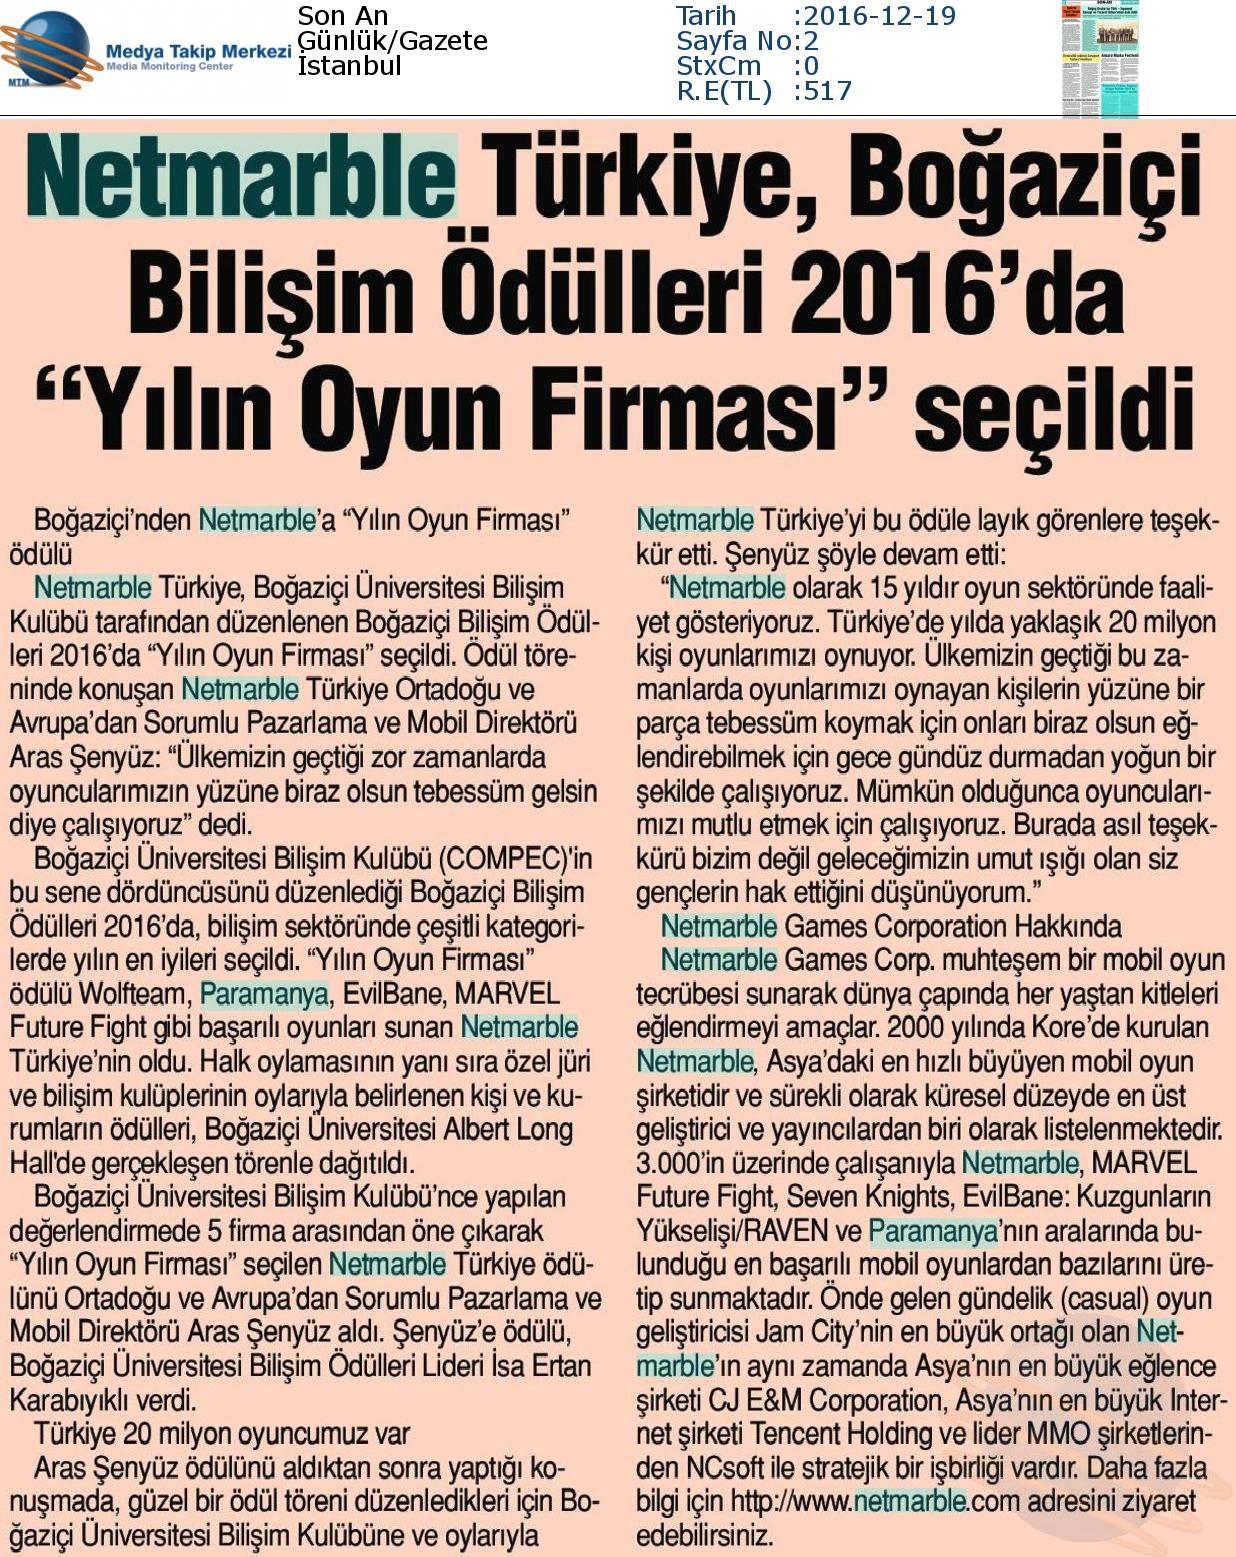 """Son An Gazetesi'nde Netmarble Türkiye Boğaziçi Bilişim Ödülleri 2016'da """"Yılın Oyun Firması"""" seçildi"""